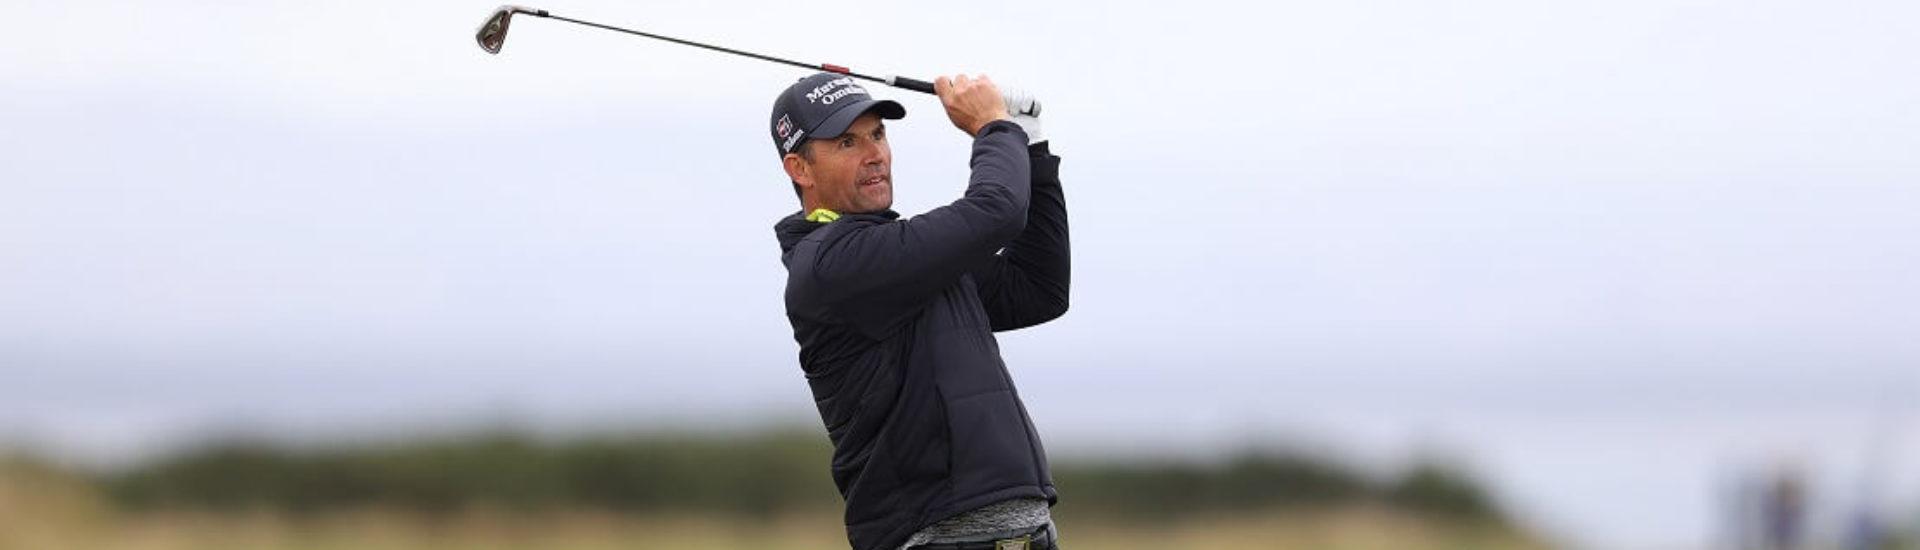 Golf-Stars und ihr Leben #33: Padraig Harrington